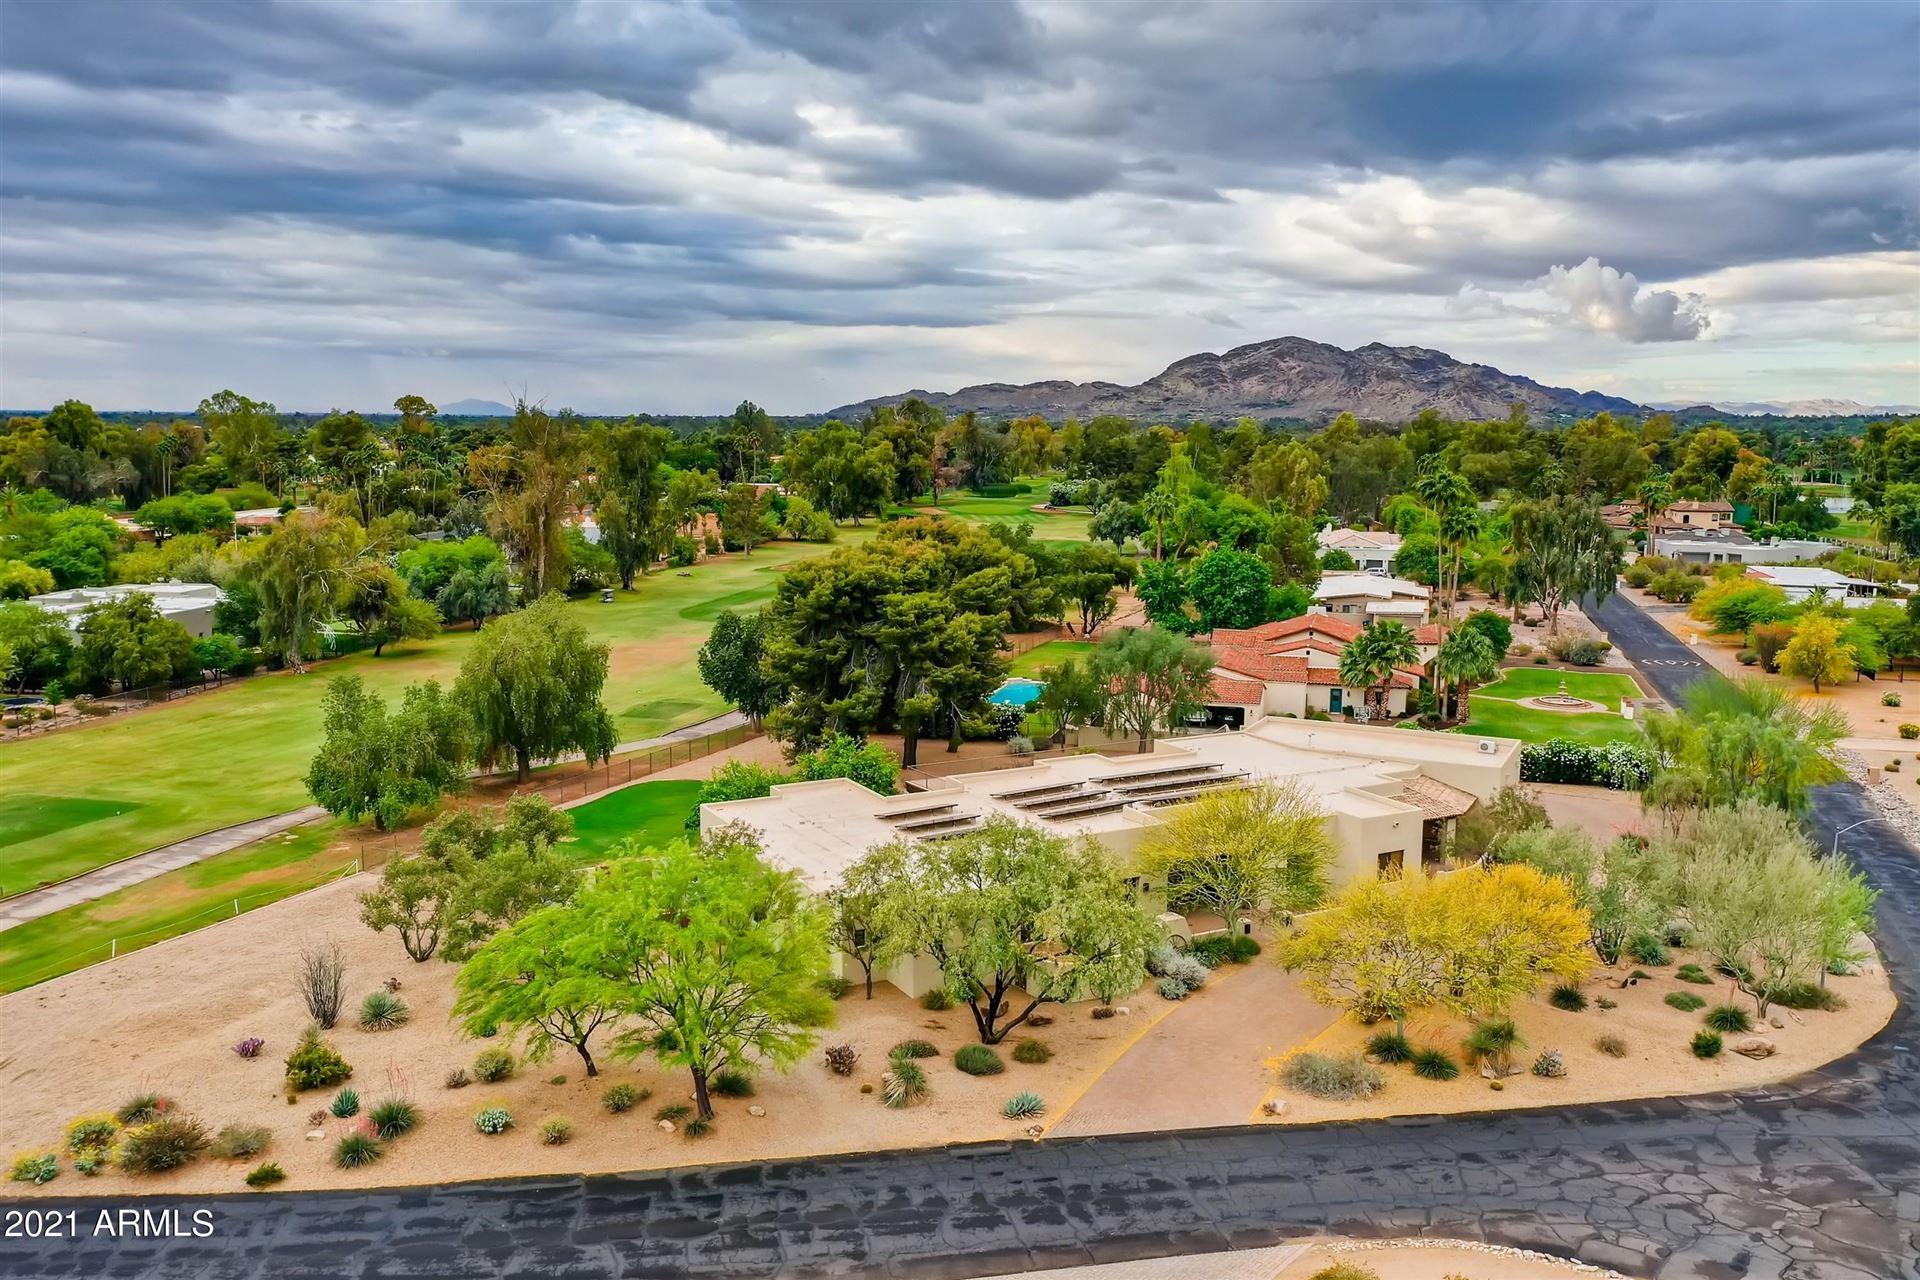 11660 N SAINT ANDREWS Way, Scottsdale, AZ 85254 - MLS#: 6229532